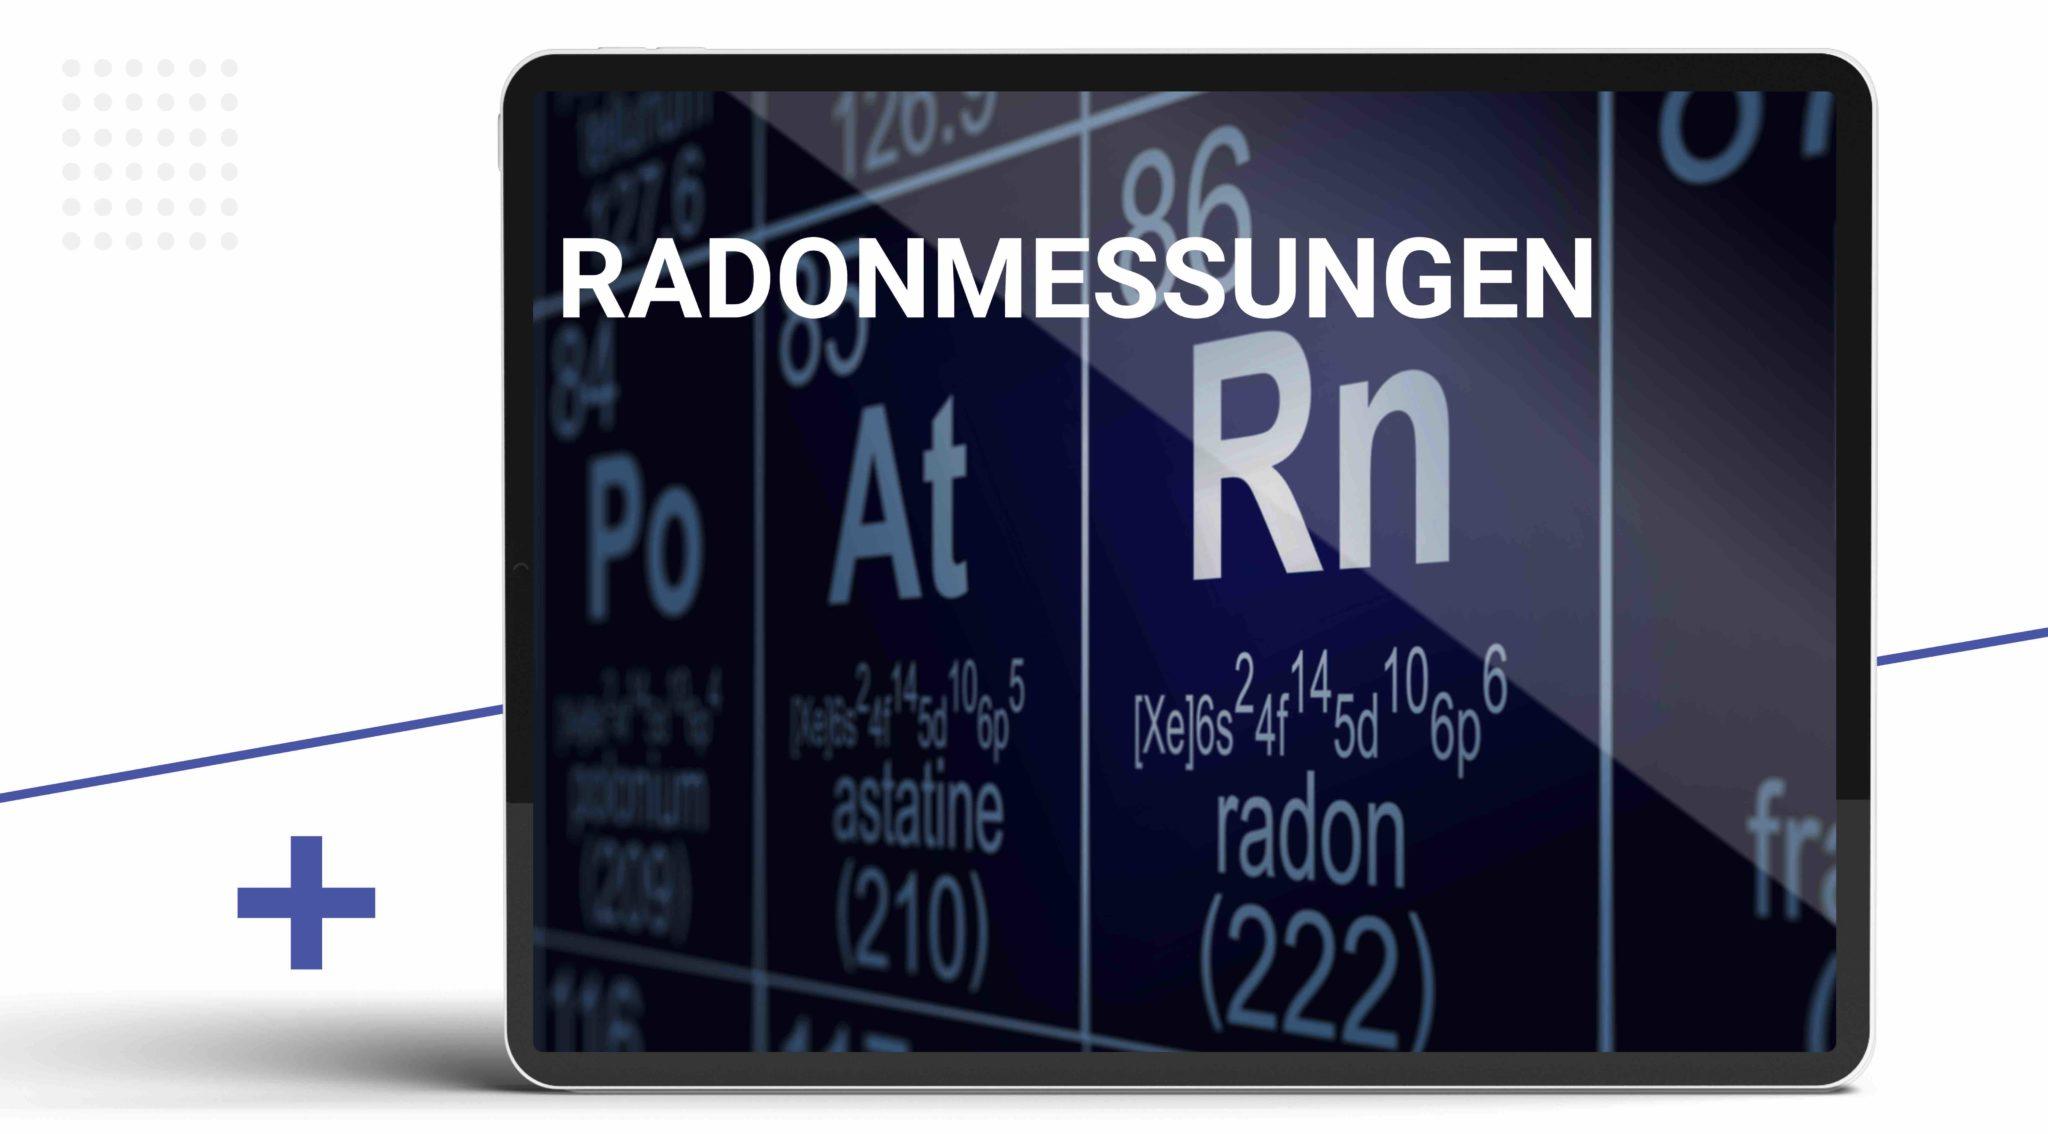 Radonmessungen